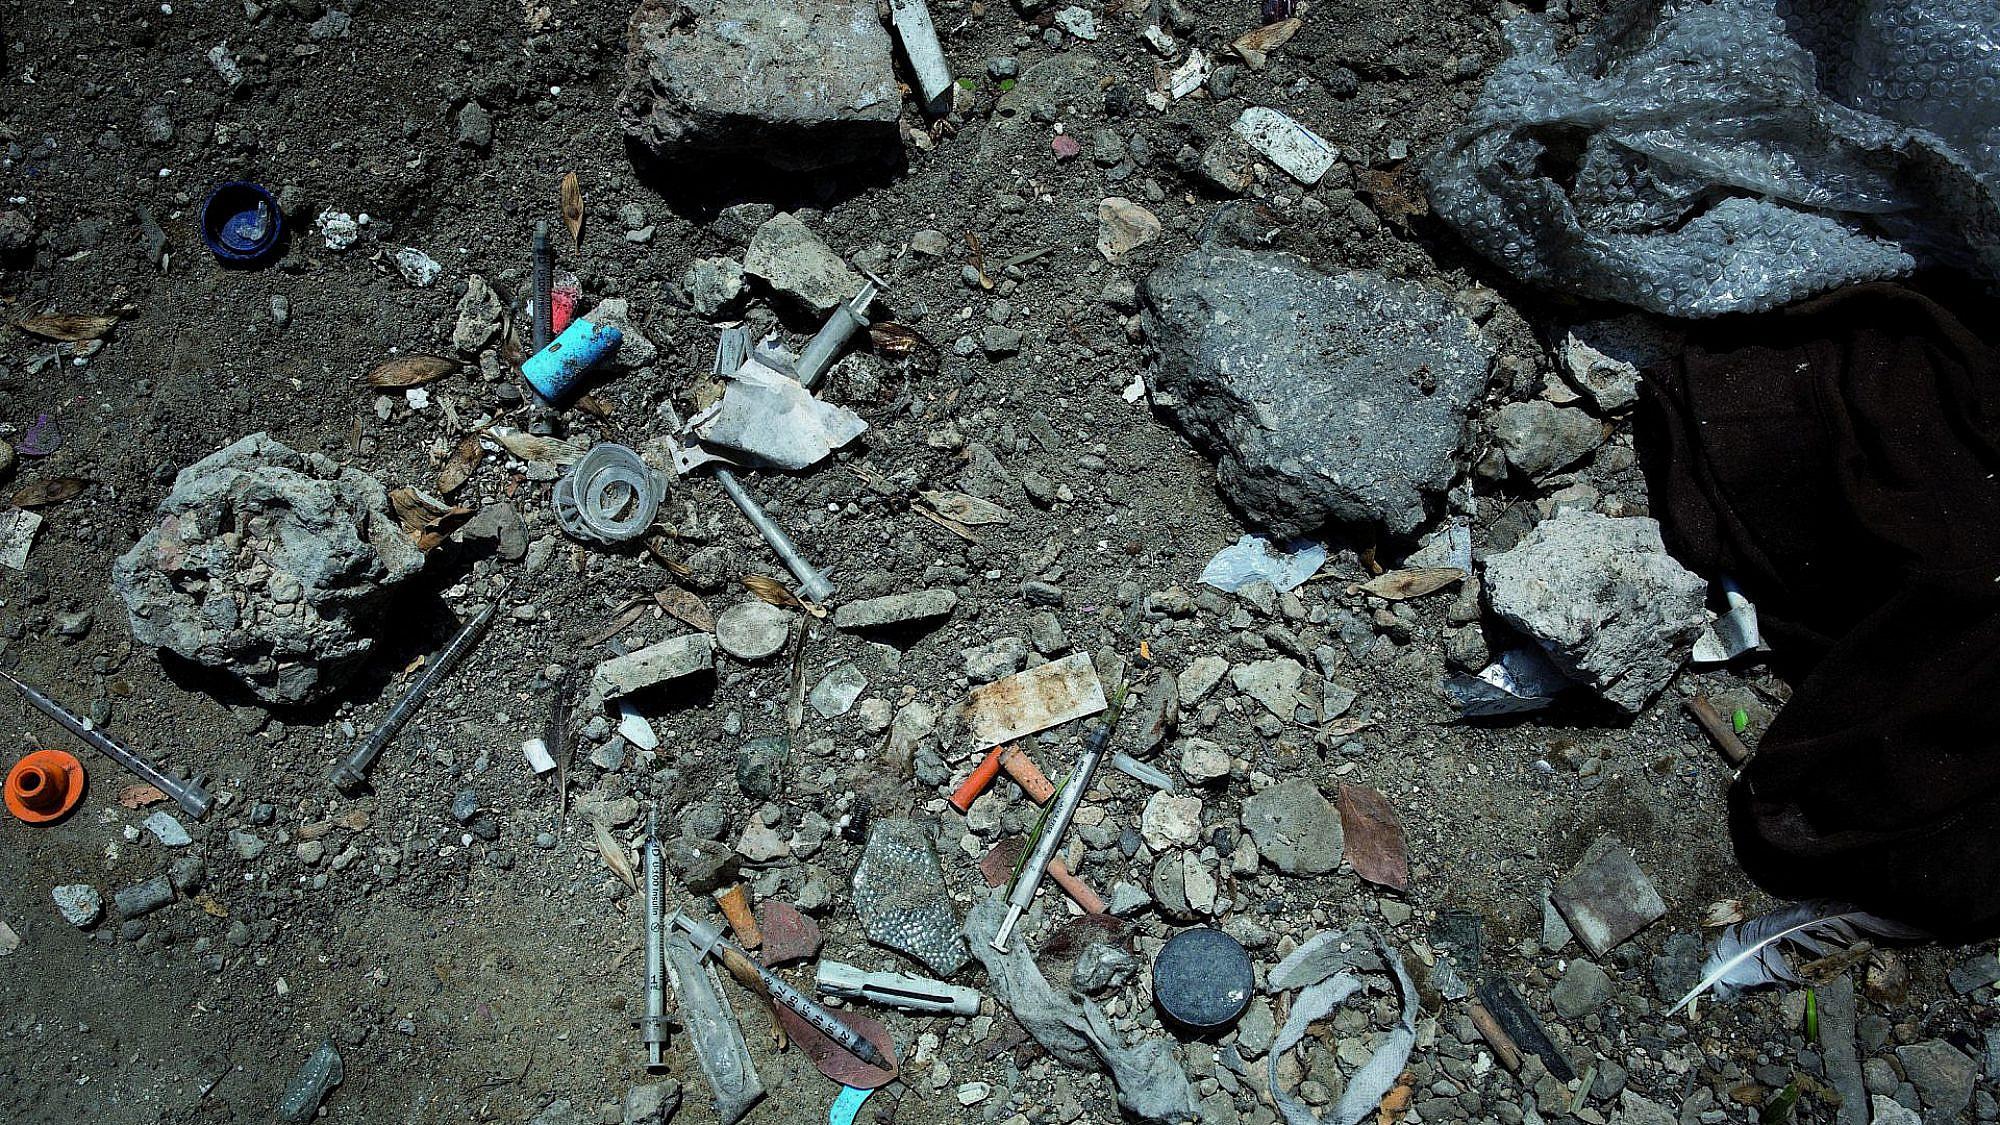 נפגעי סמים וזנות מציפים את שכונות הדרום. מזרקים בנווה שאנן (צילום: טלי מאייר)